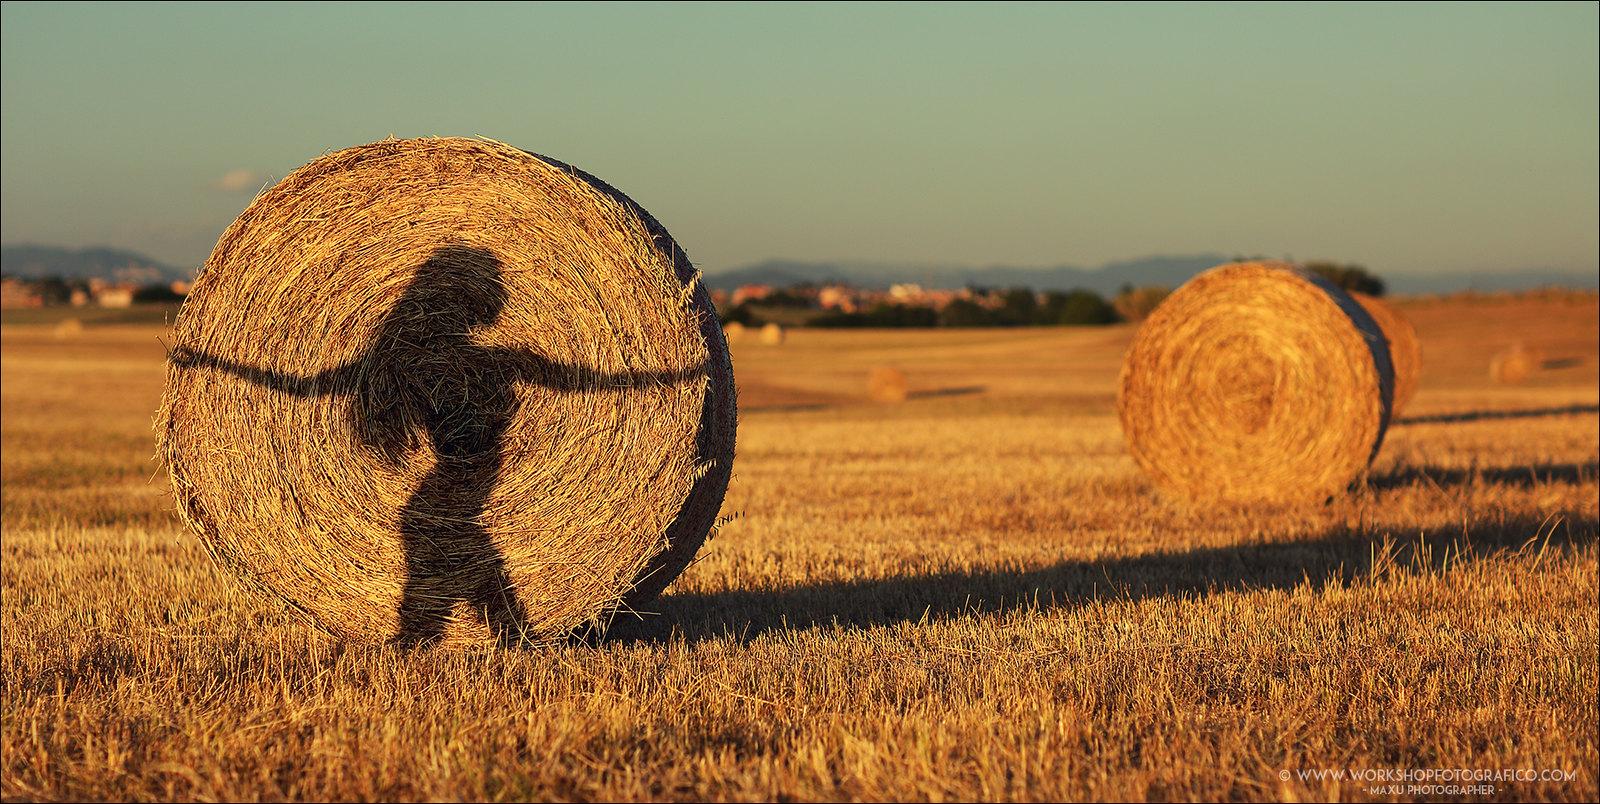 Обзор фликра - Massimiliano Uccelletti